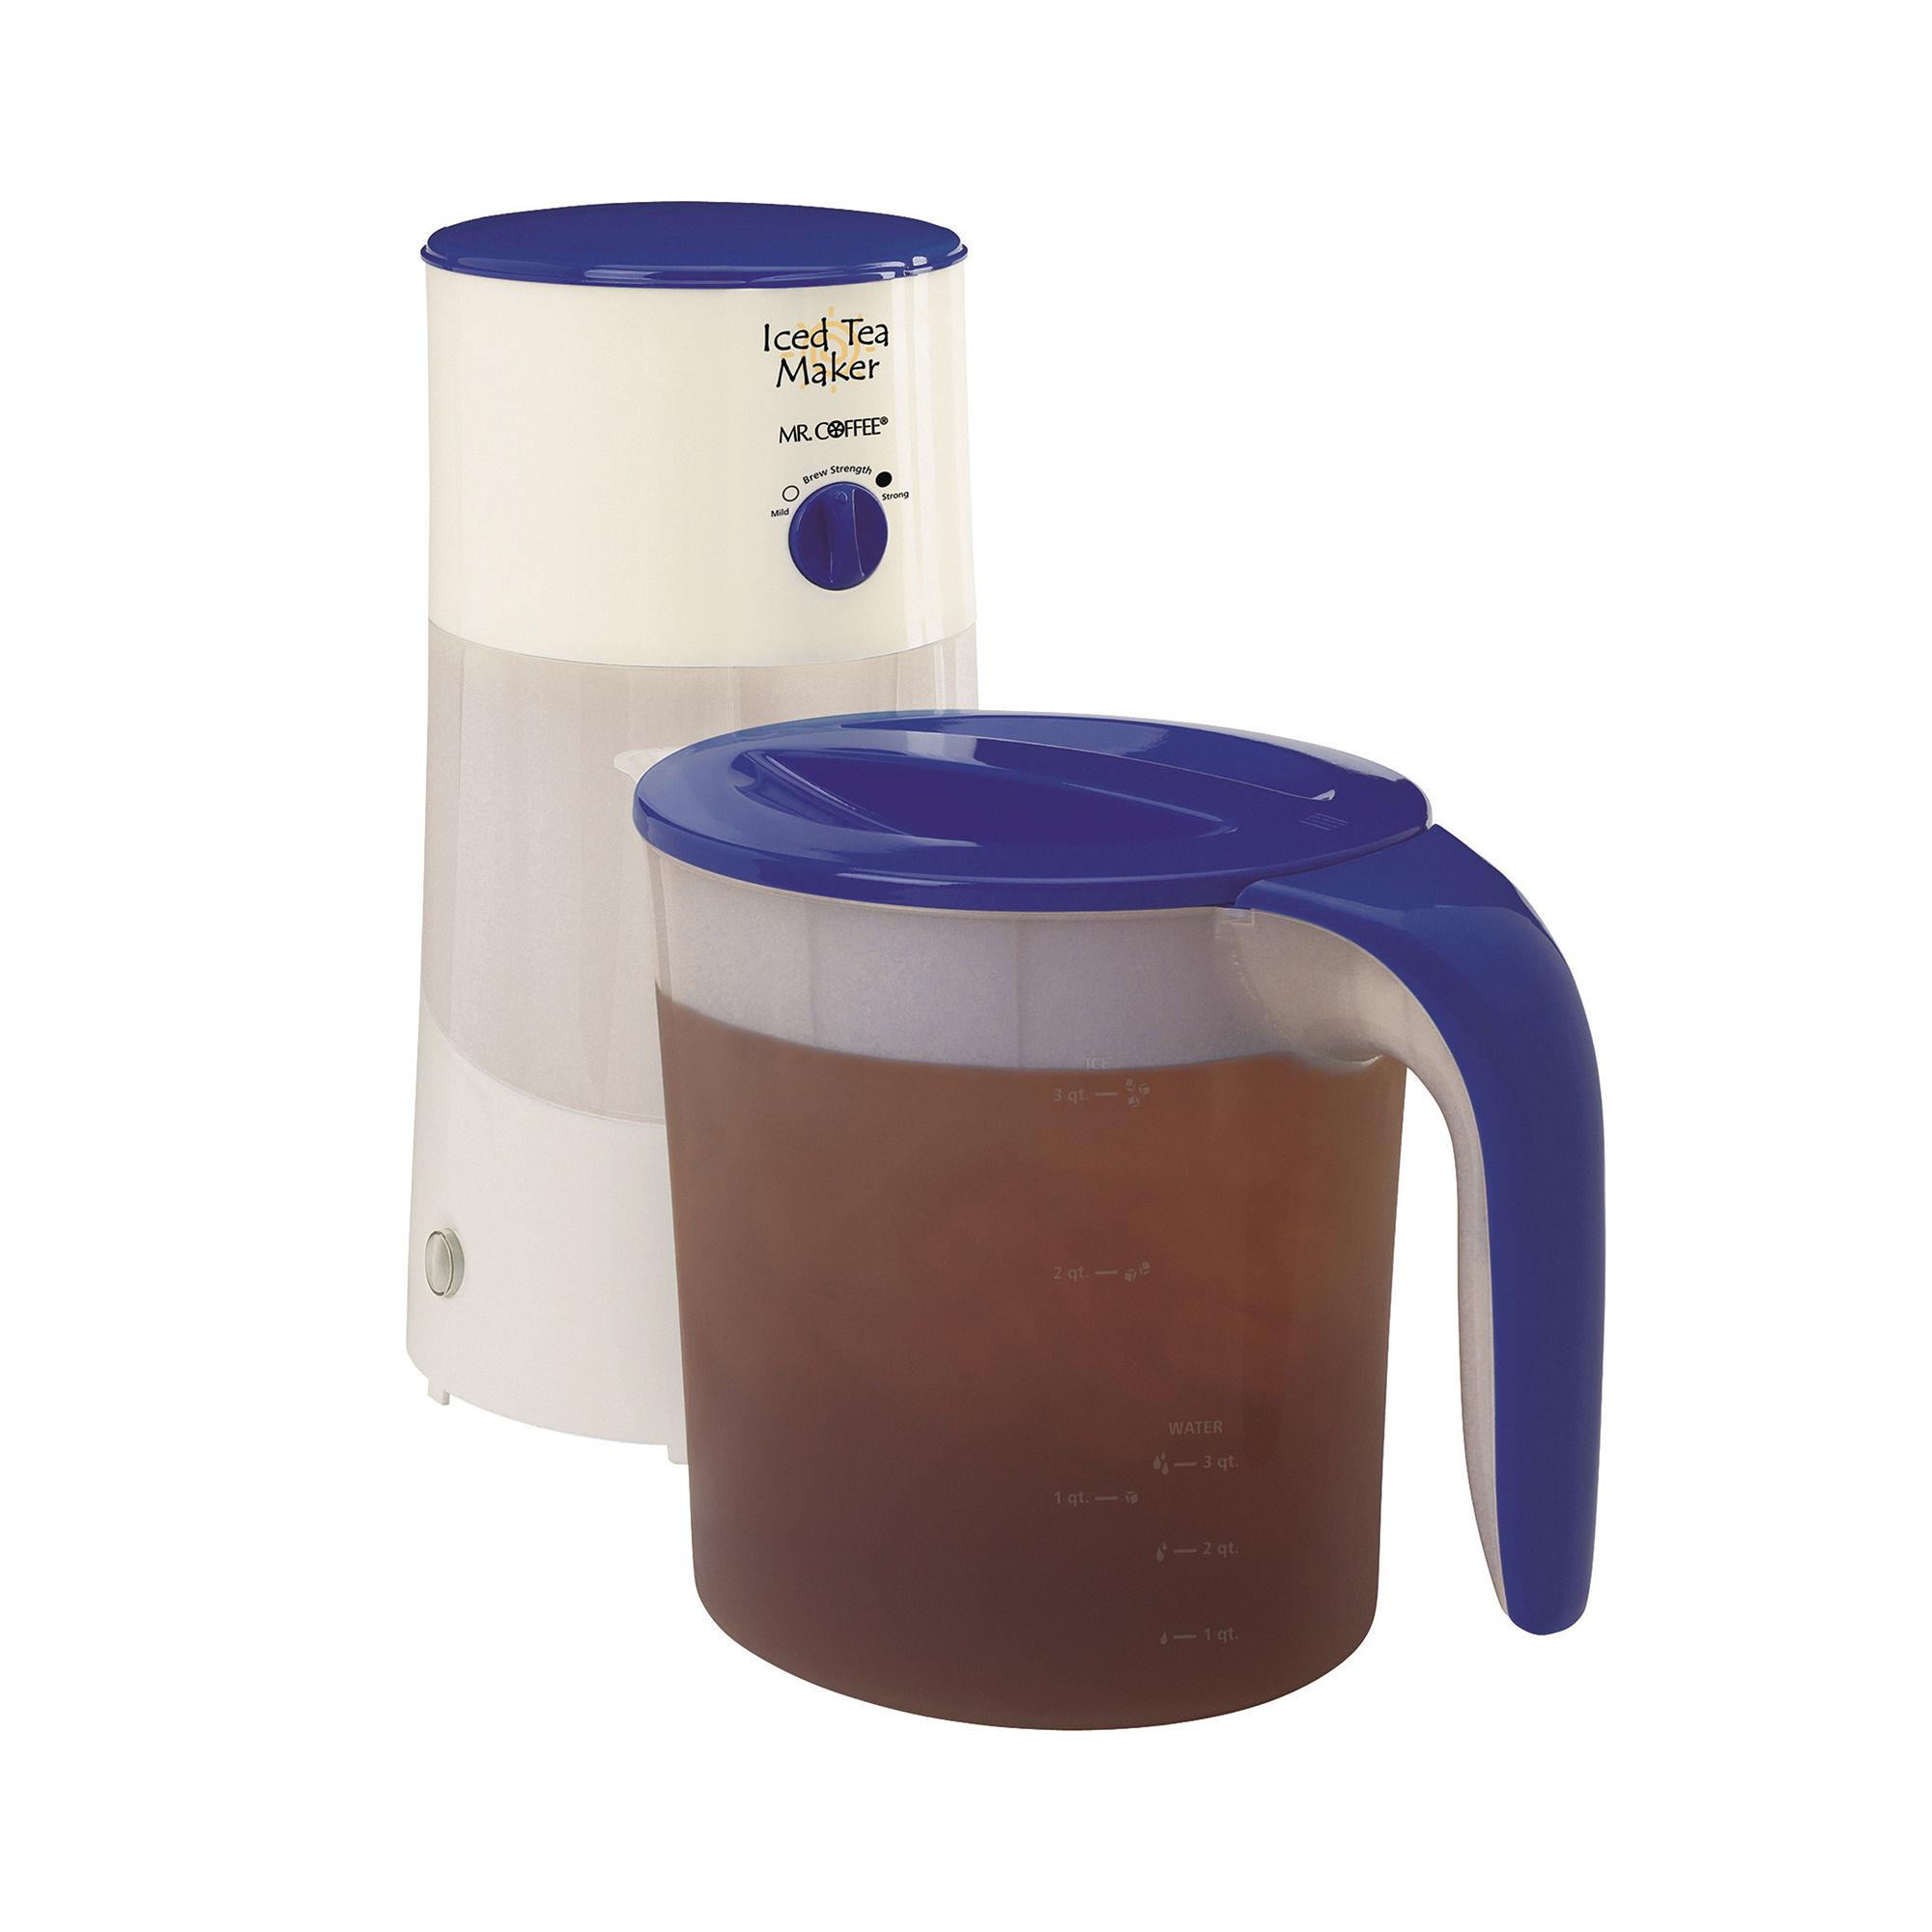 Mr. Coffee 3-qt. Iced Tea Maker